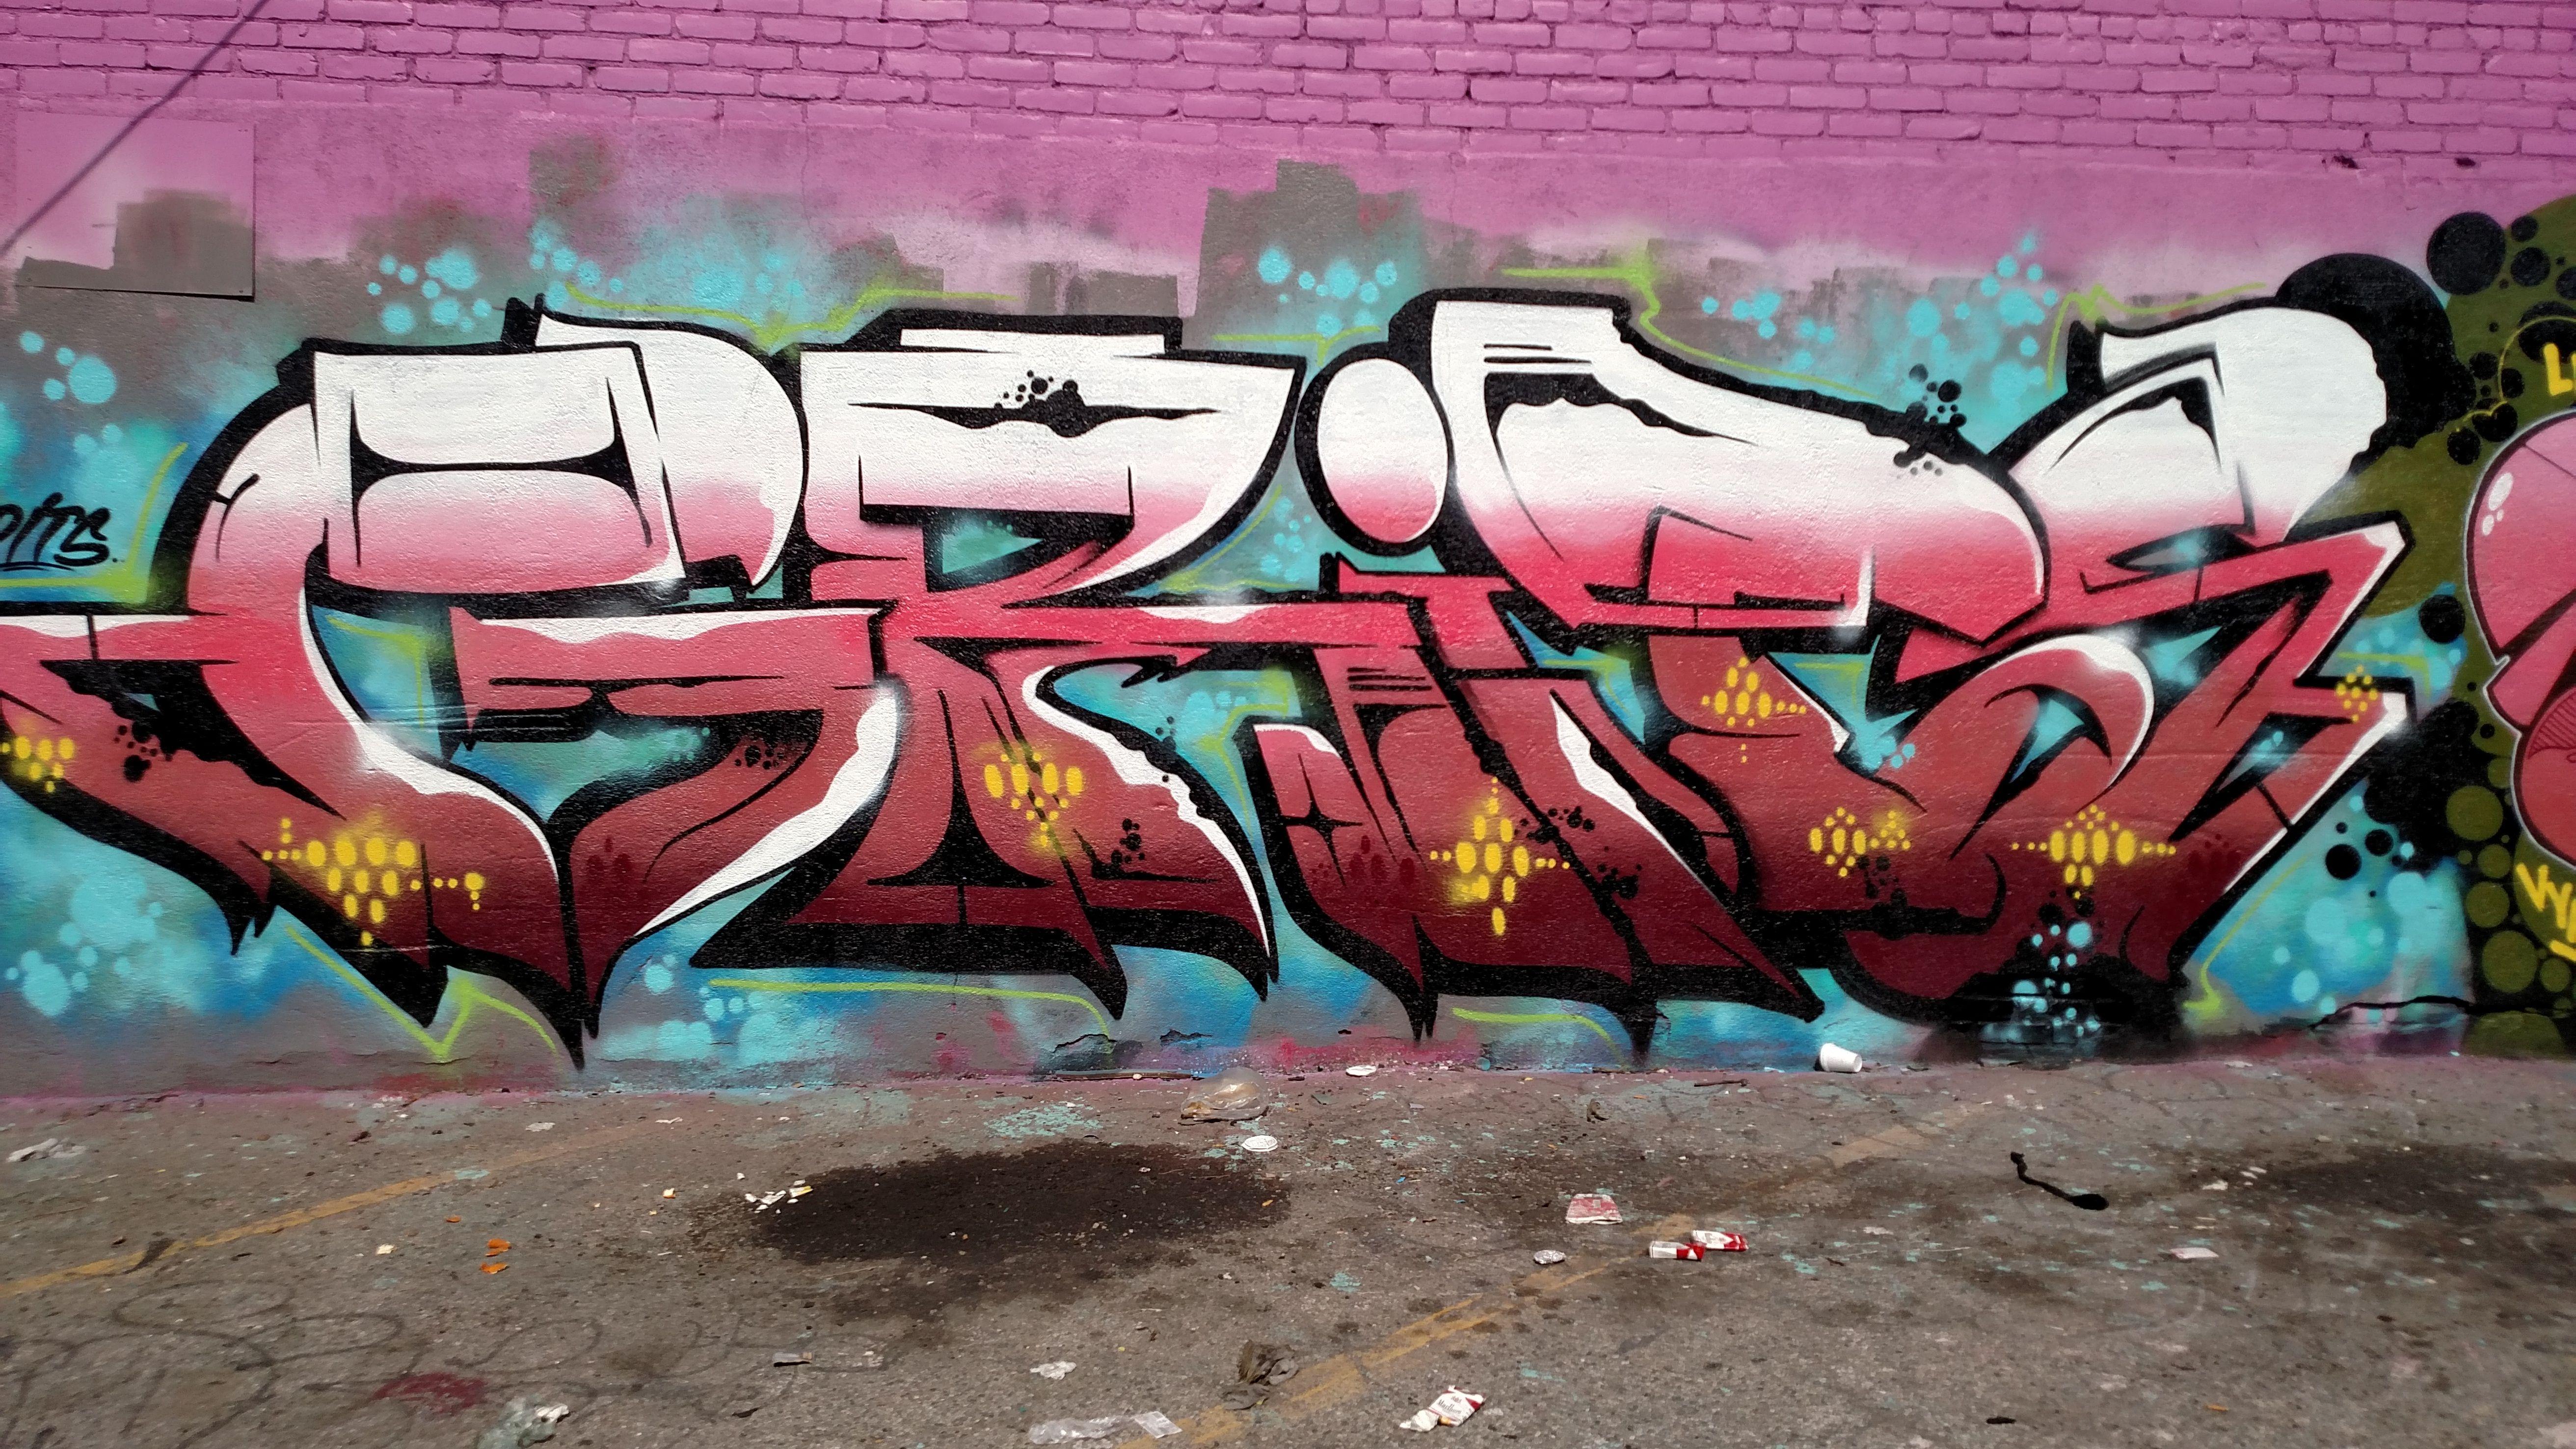 51 Best Mural Art (Aka) Graffiti Images On Pinterest -